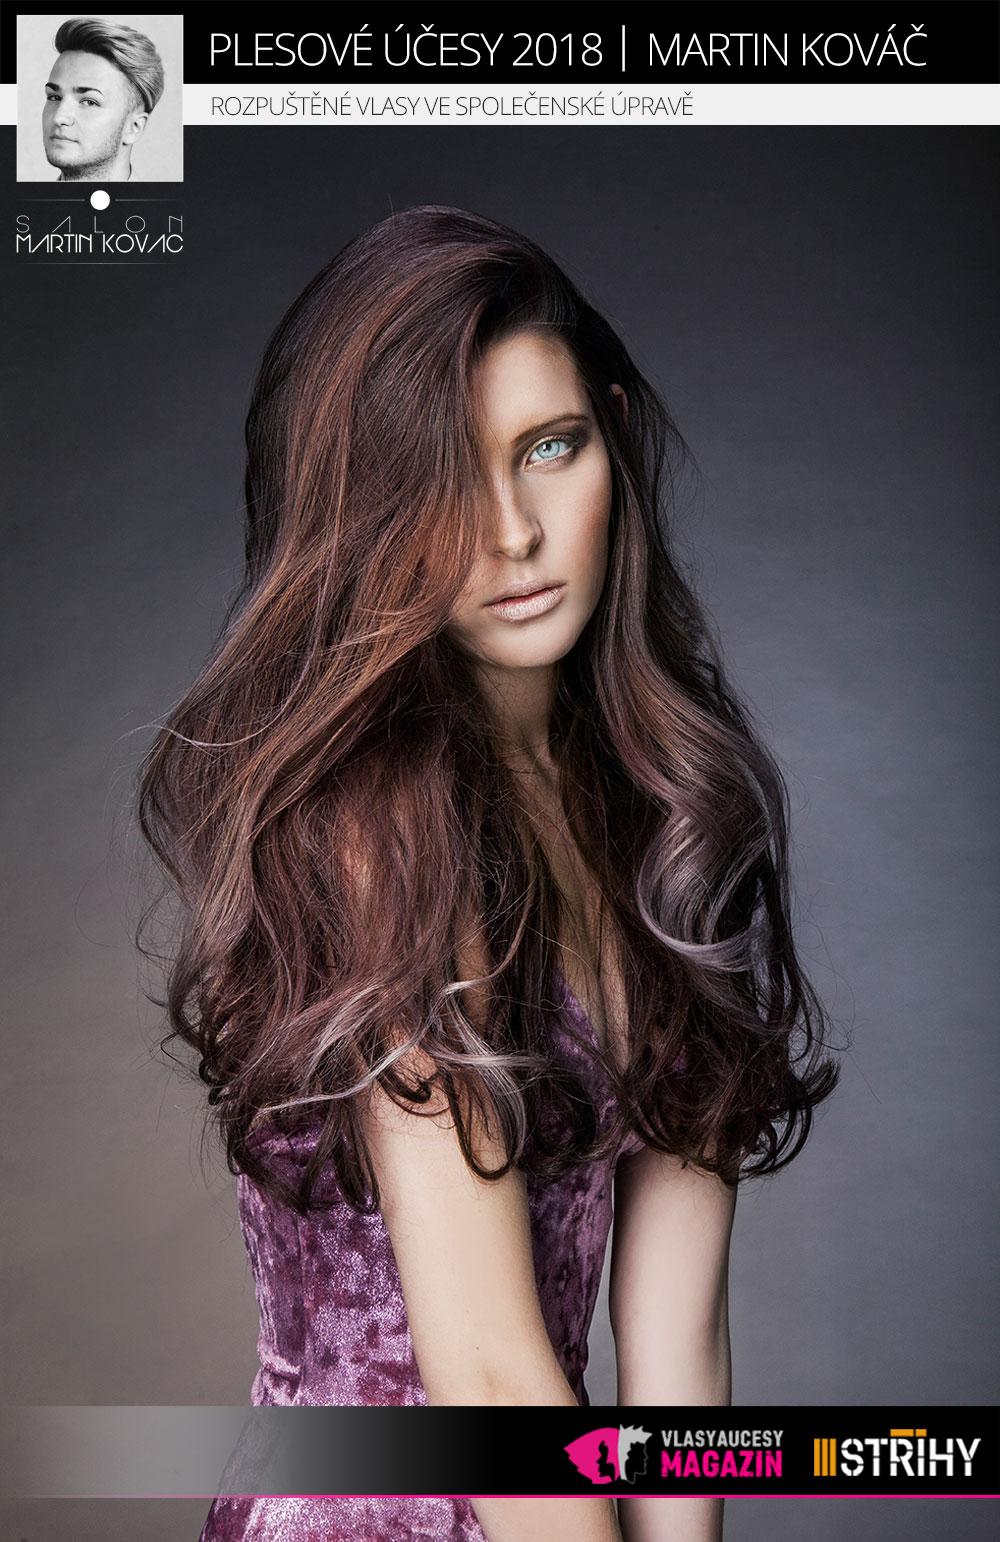 Rozpuštěné vlasy ve společenské úpravě podle Martina Kováče (Salon Martin Kováč).